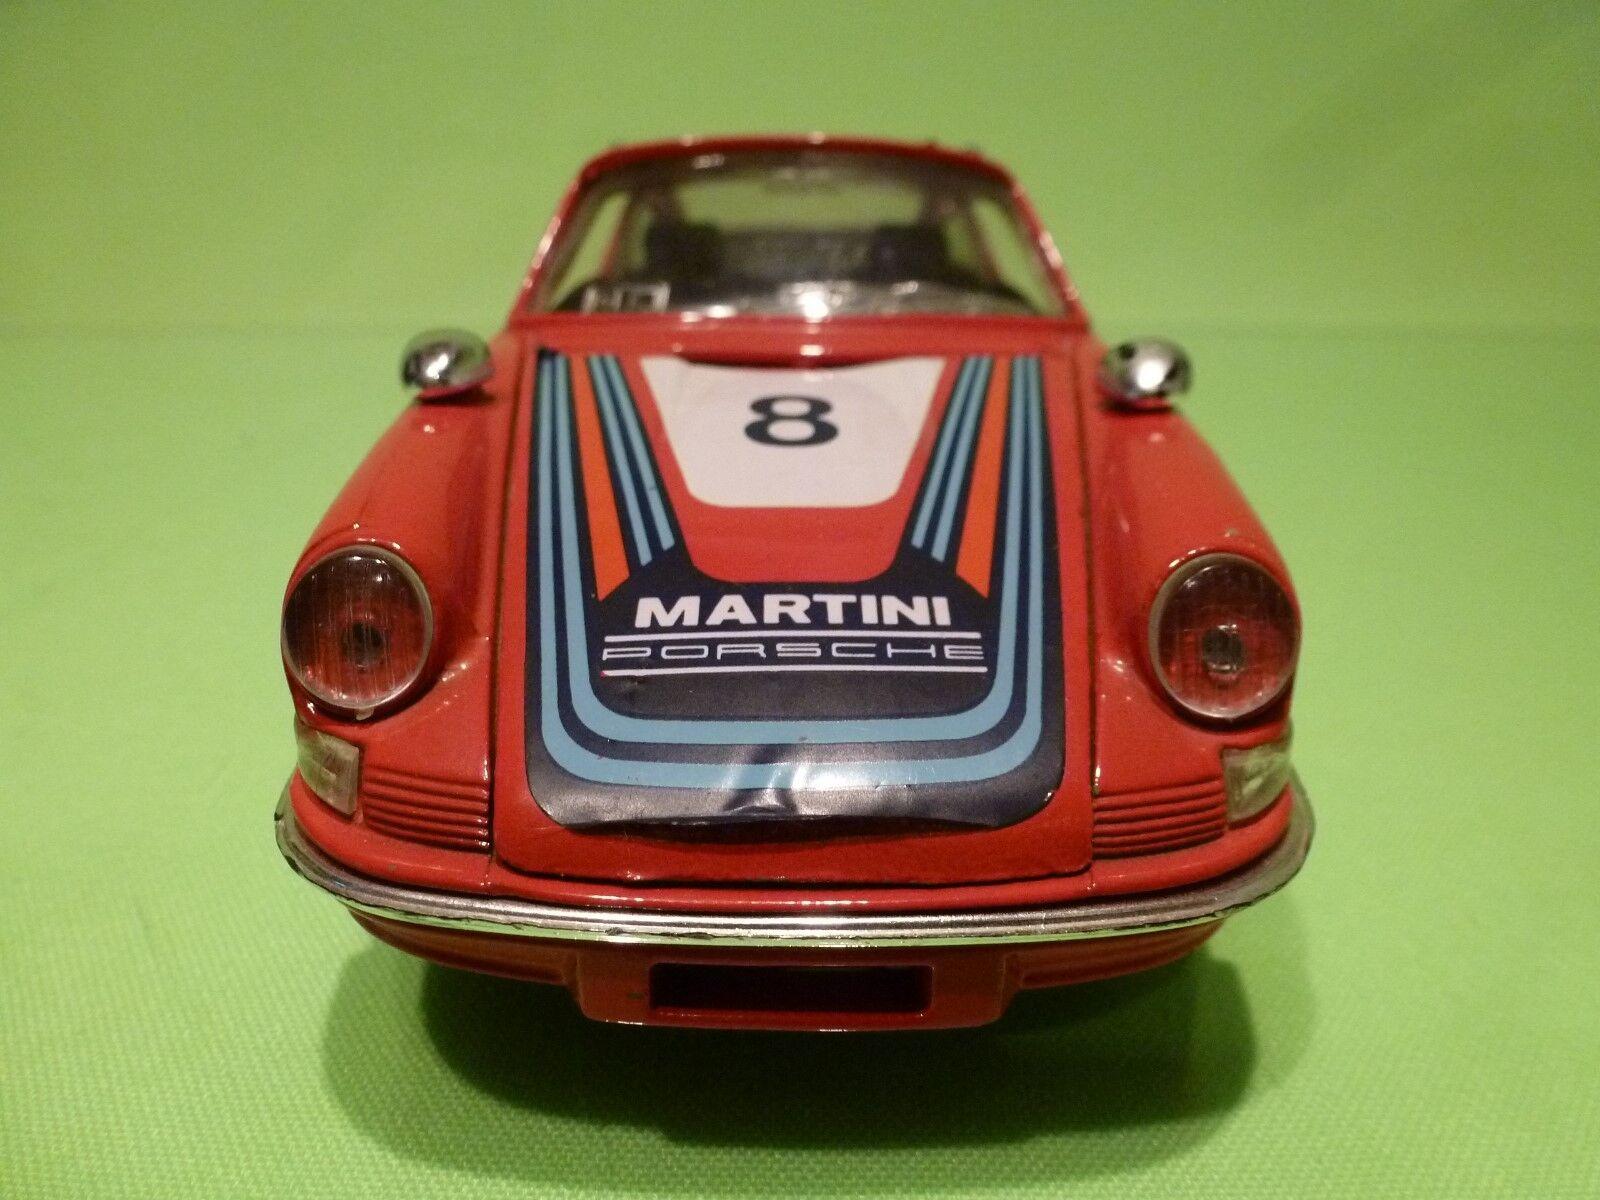 BBURAGO 1:24 - PORSCHE 911 NO= 0102 - 2 MIRROR MIRROR MIRROR MARTINI rosso  GOOD  CONDITION 7f4148